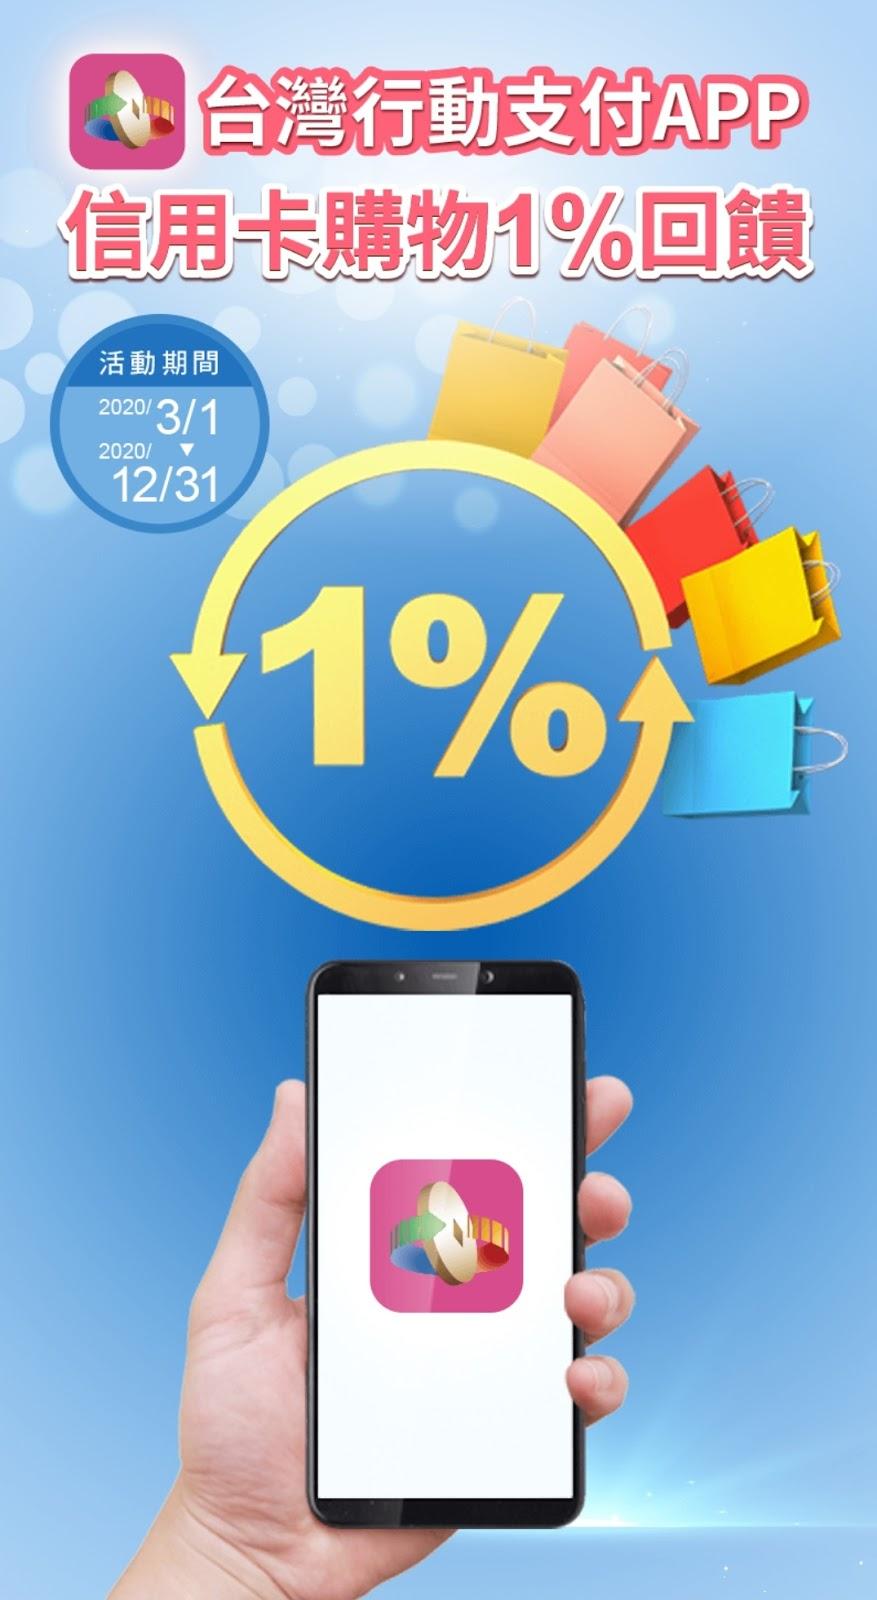 【超級比一比】臺哥大聯名卡 VS. My樂現金回饋卡 6%回饋神卡哪張好?